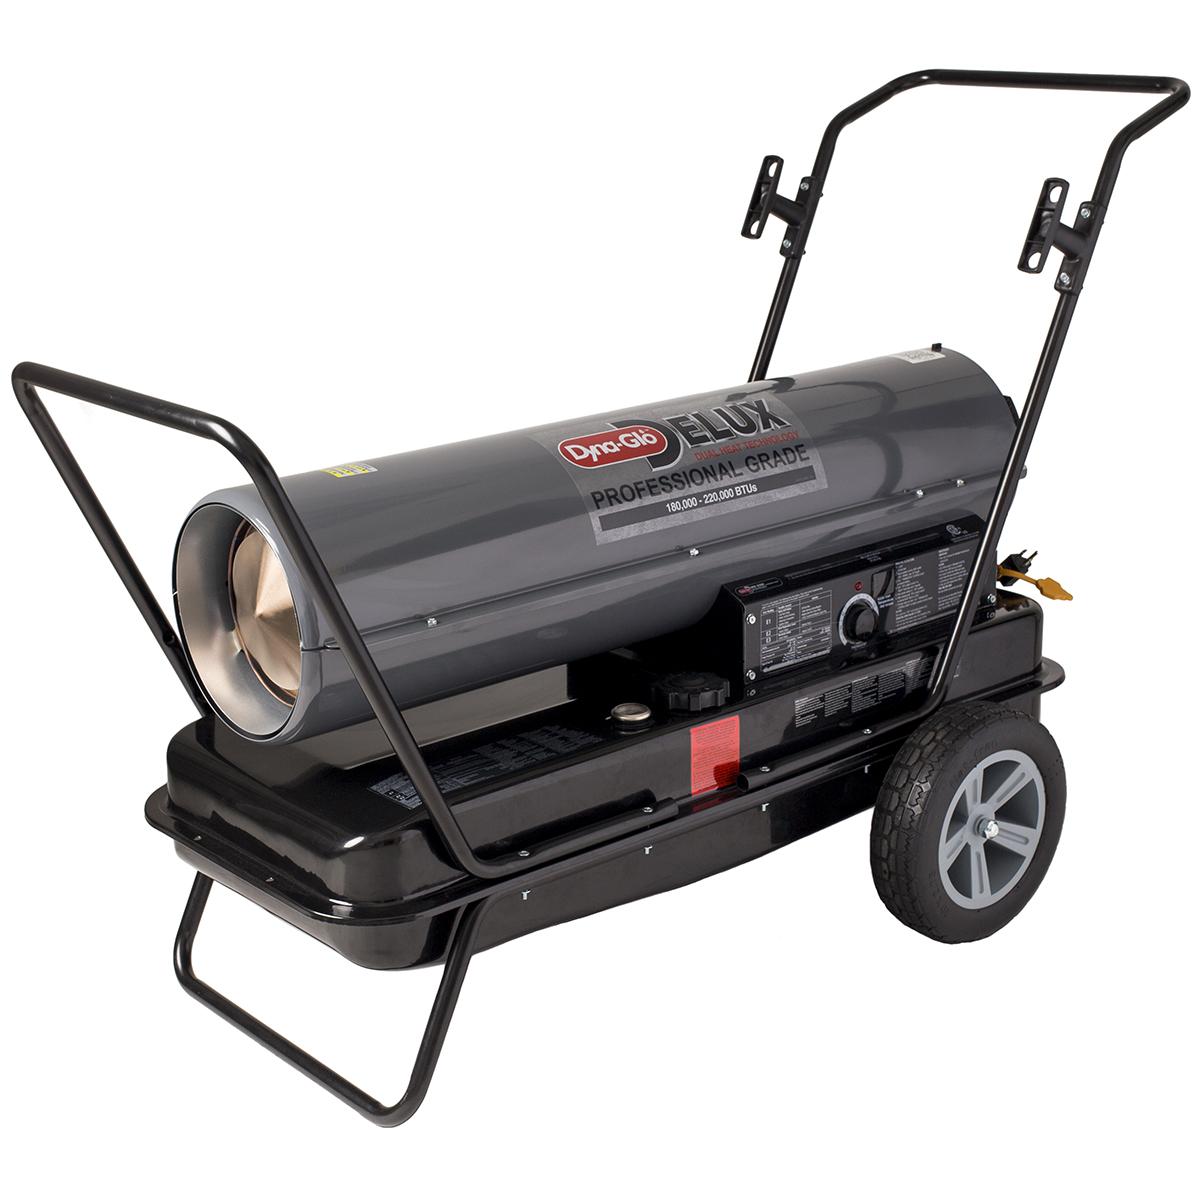 Dyna-Glo Delux 180,000 or 220,000 BTU Kerosene Forced Air Heater